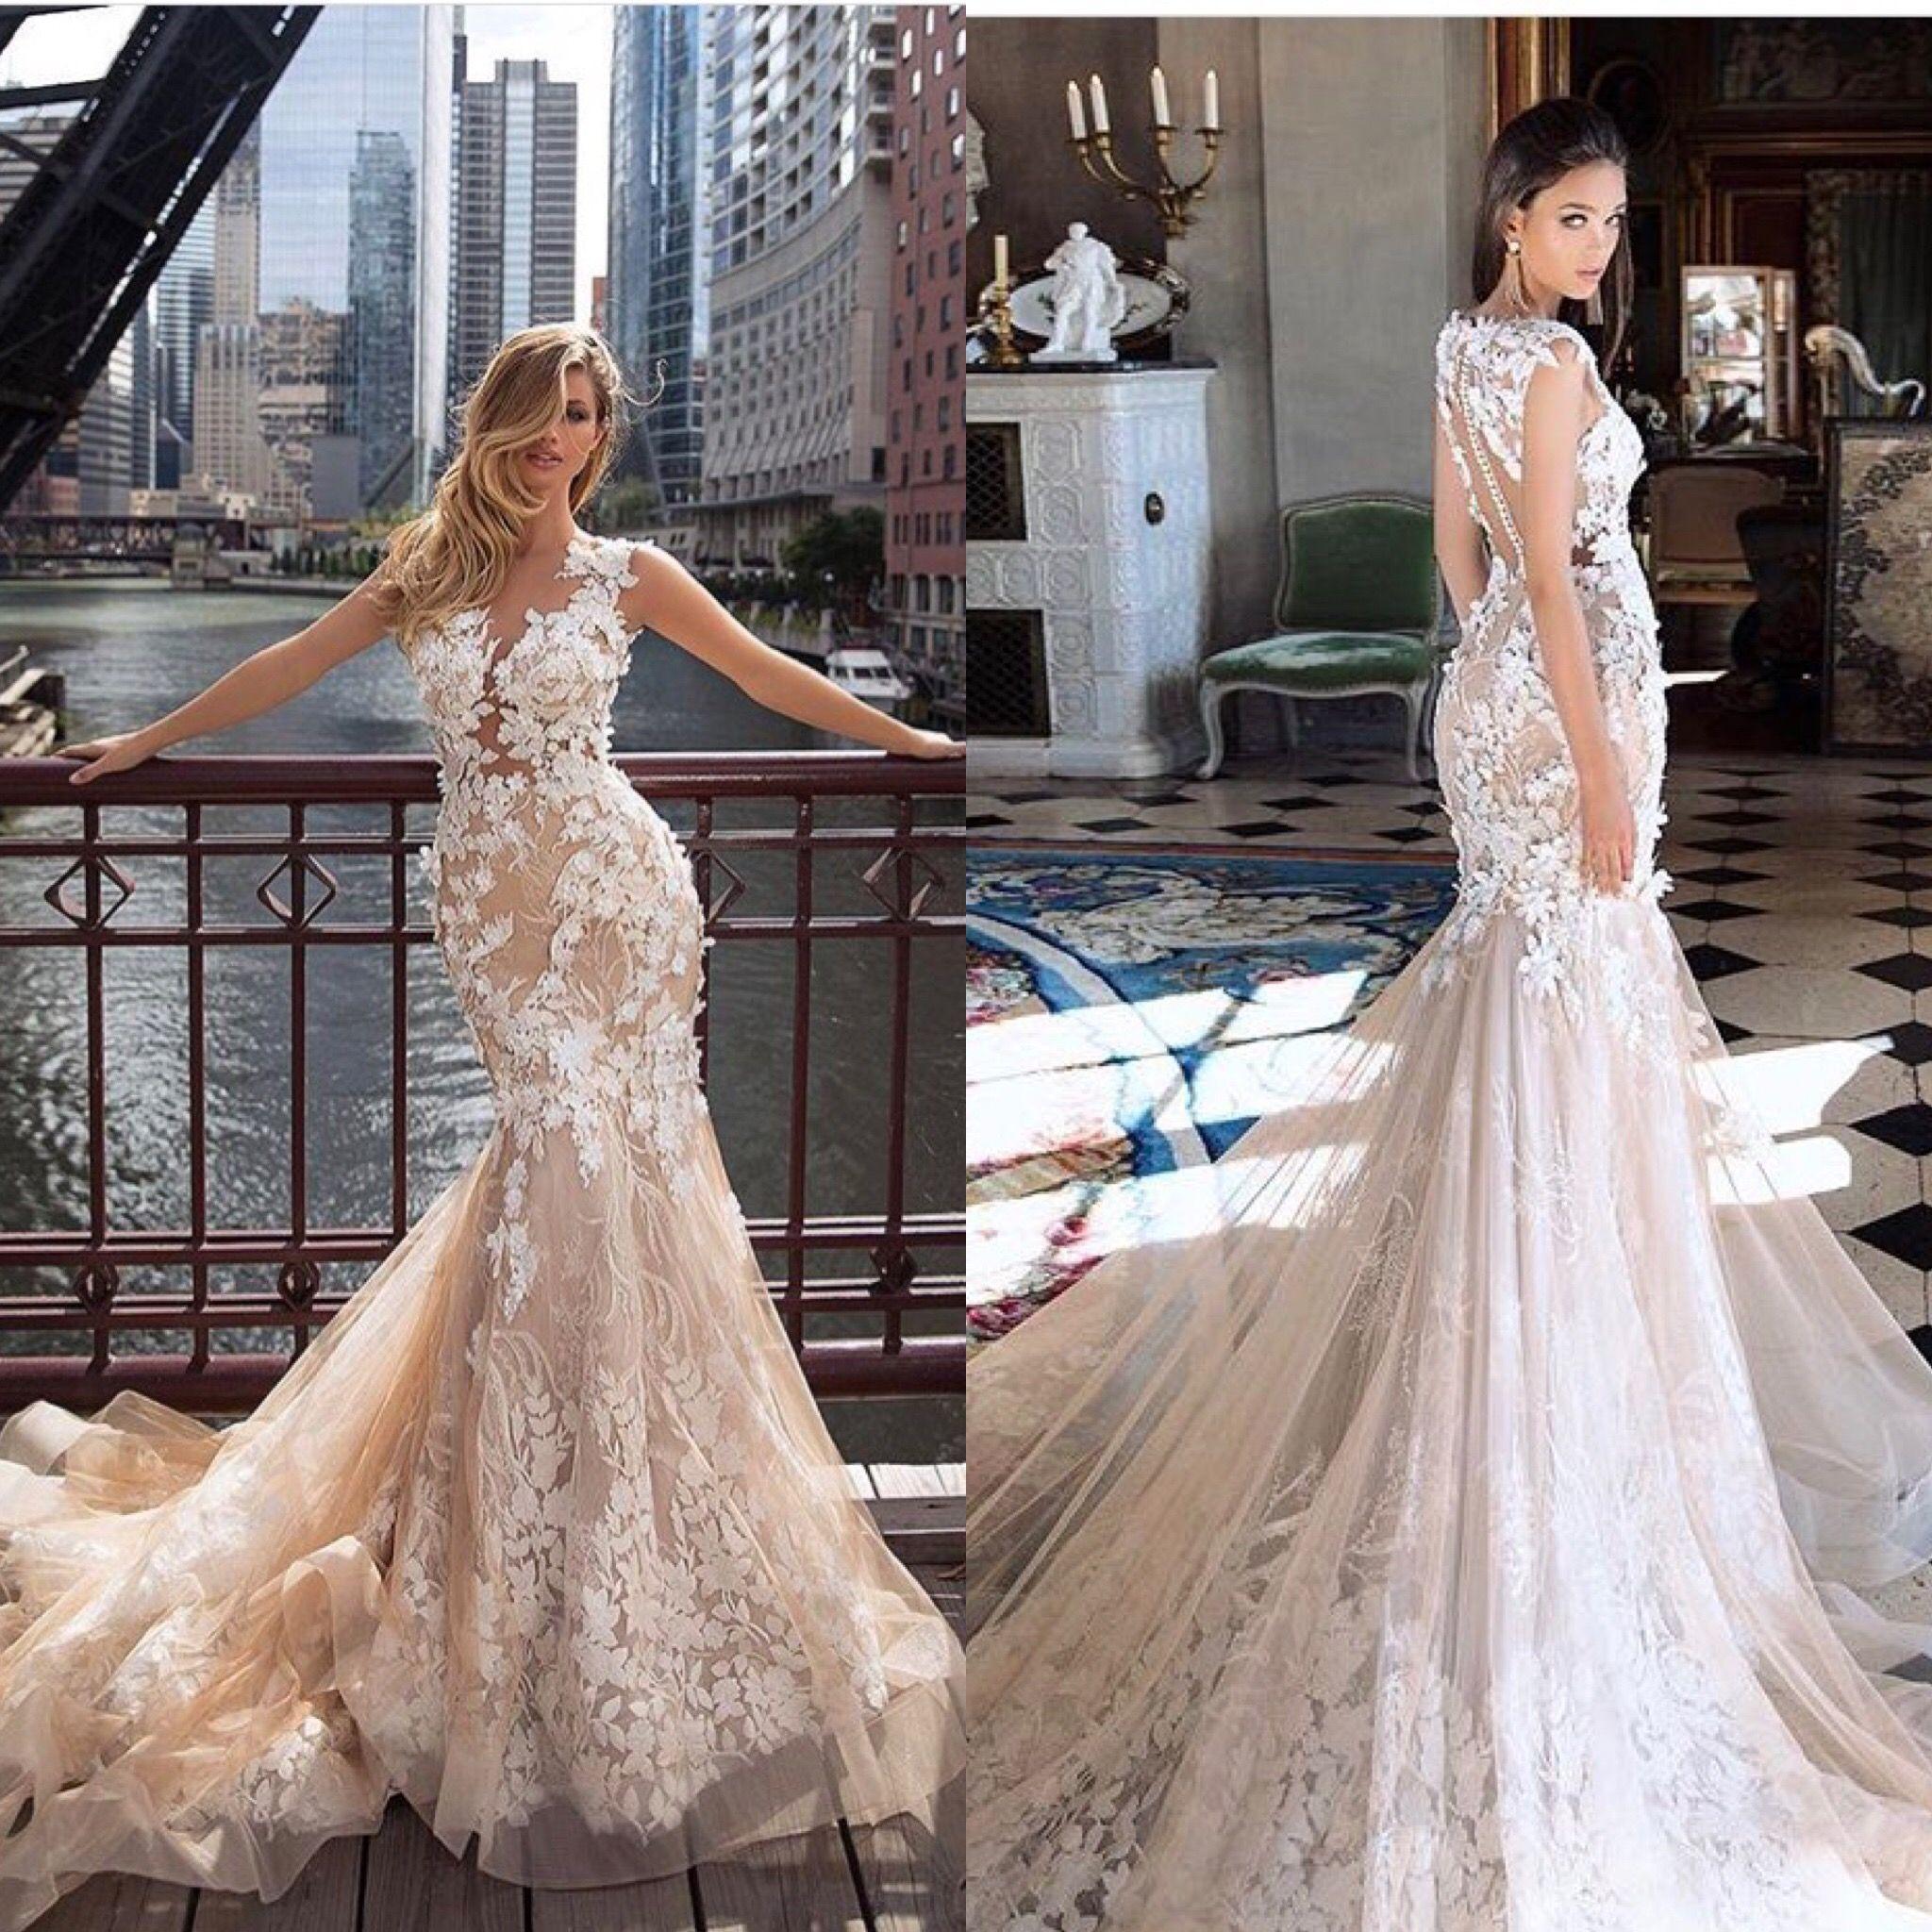 Preziosissimo Abito A Sirena In Pizzo Con Fiori In 3 D In Colore Schampagne Abiti Da Sposa A Sirena Nel 2019 Pinterest Wedding Dresses Lace Weddings E